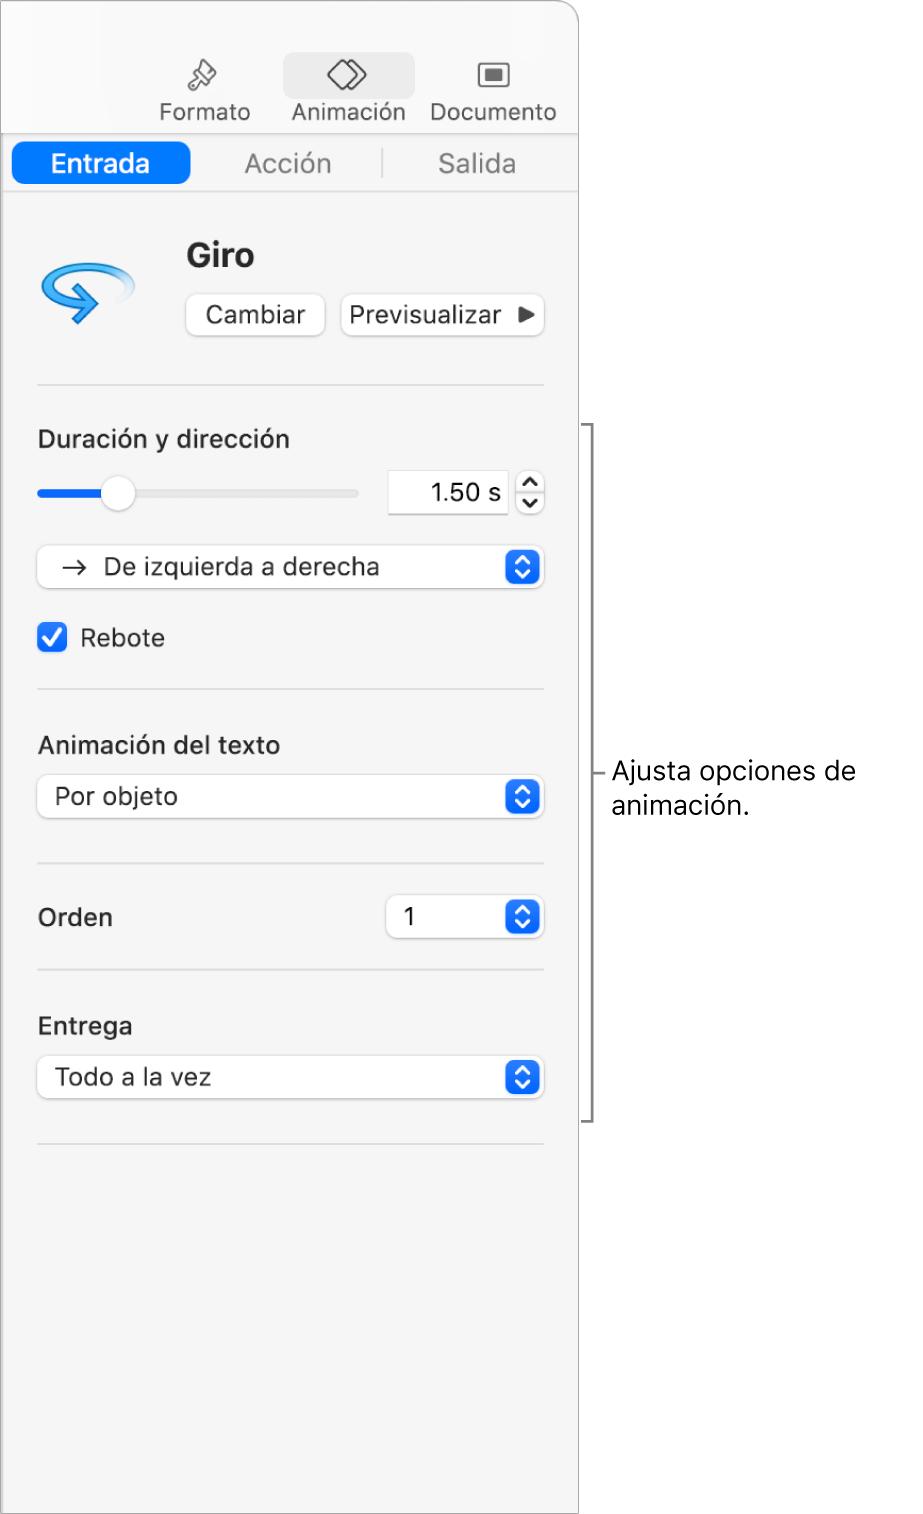 Opciones de Entrada en la sección Animación de la barra lateral.